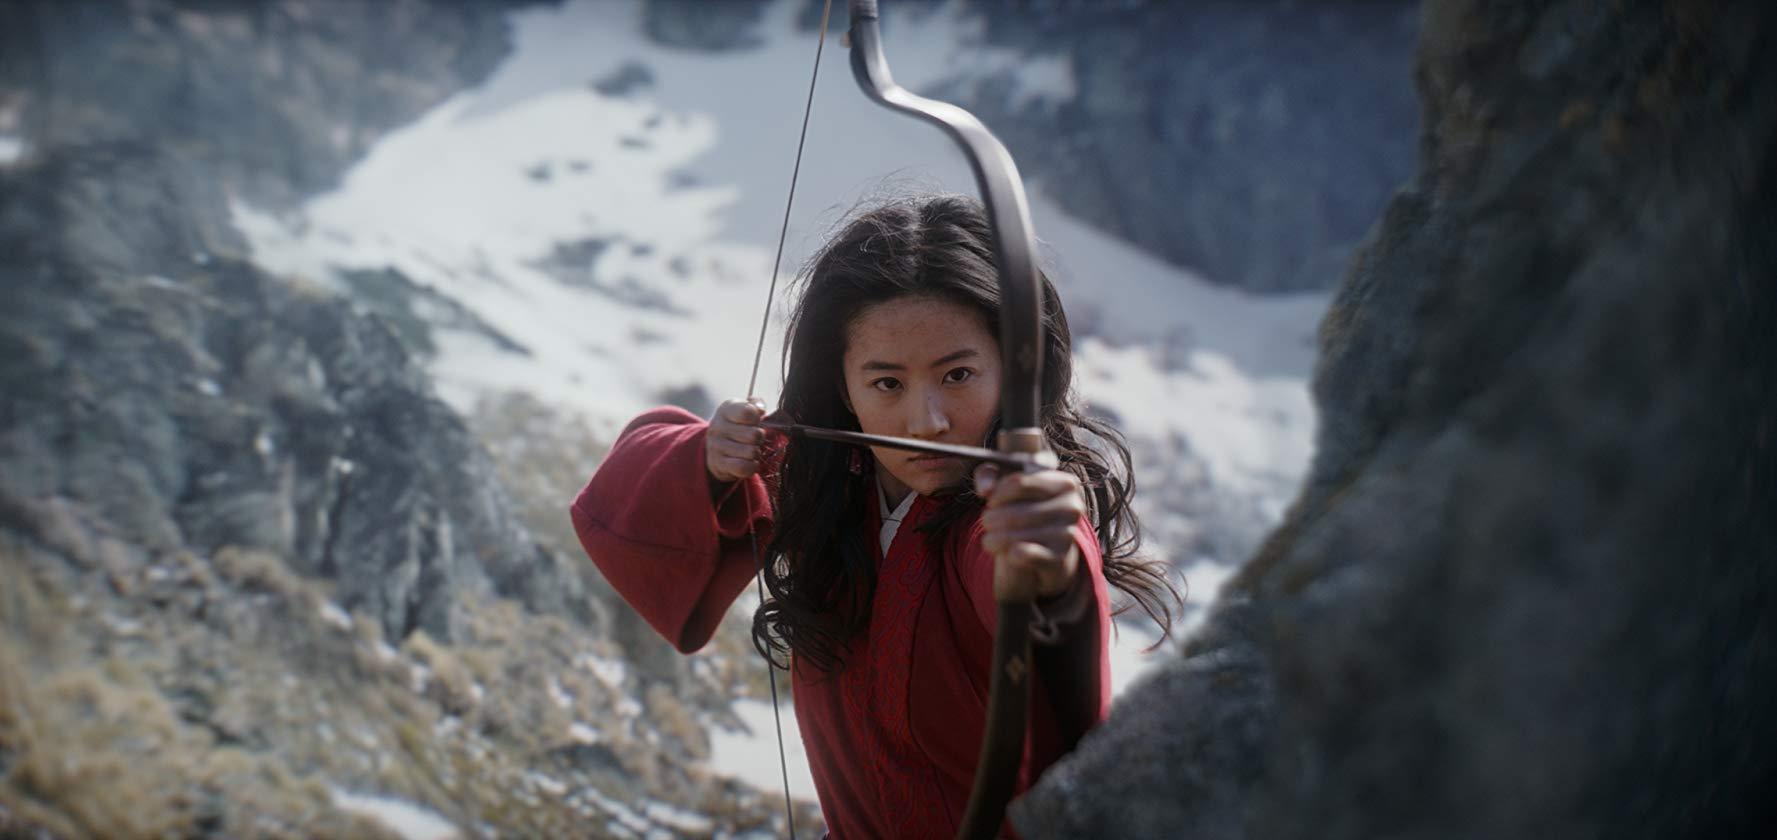 Mulan acompanha uma jovem chinesa infiltrada no exército chinês para salvar a vida do pai; filme em live action estreia este ano